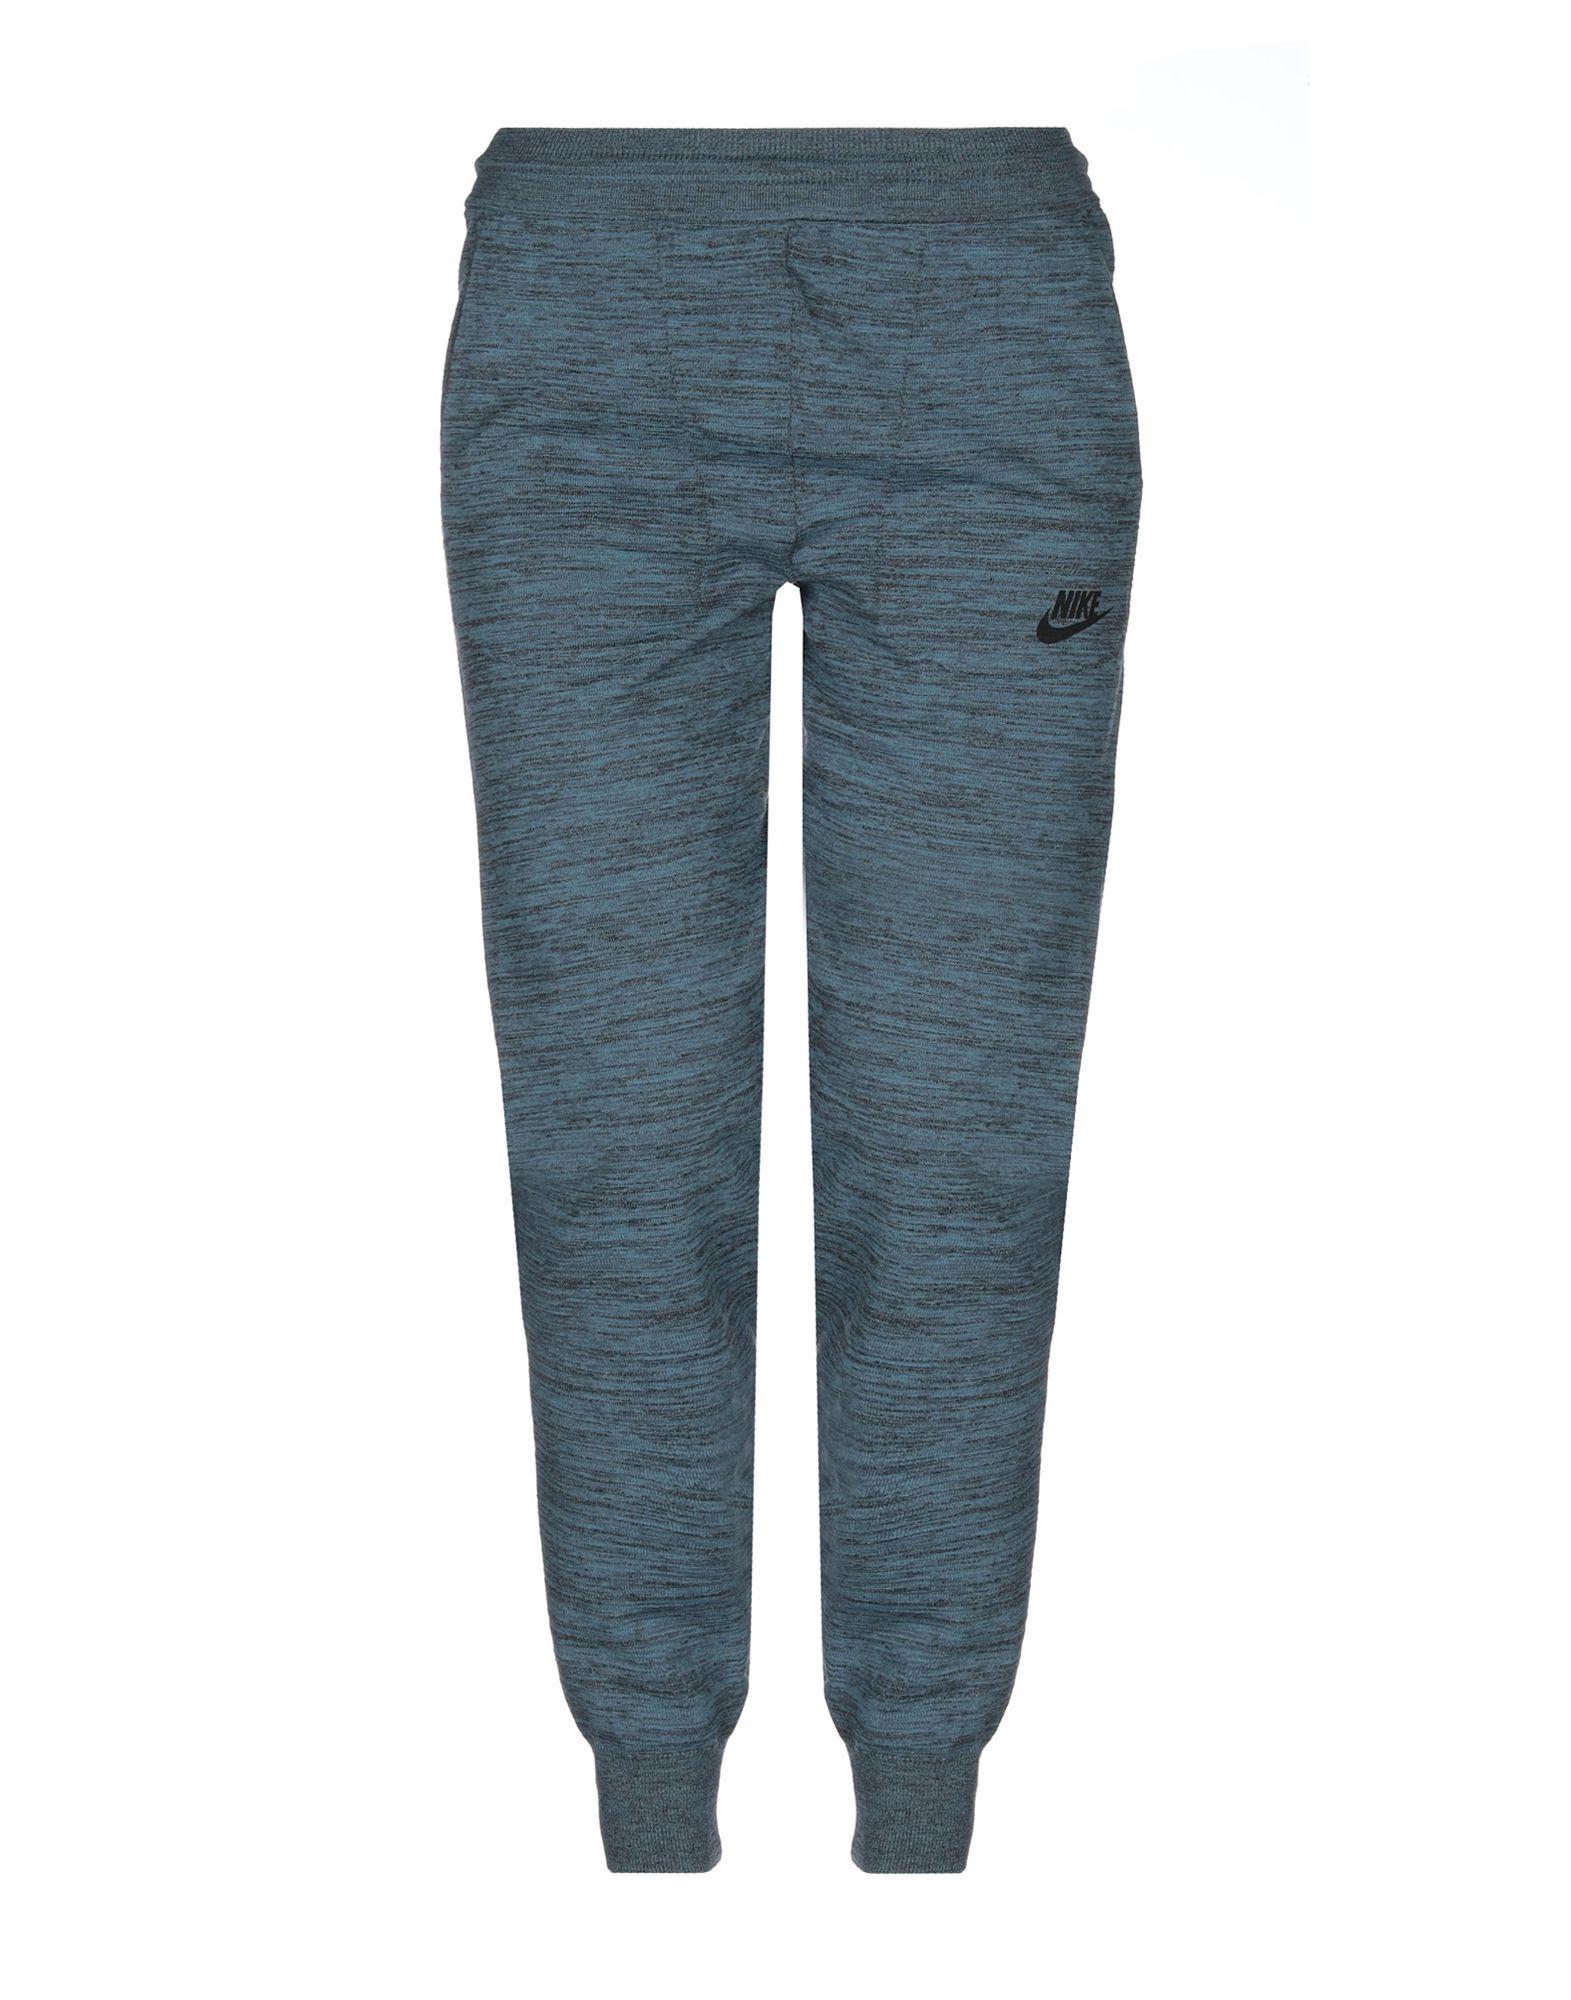 Повседневные брюки  Серый,Синий цвета